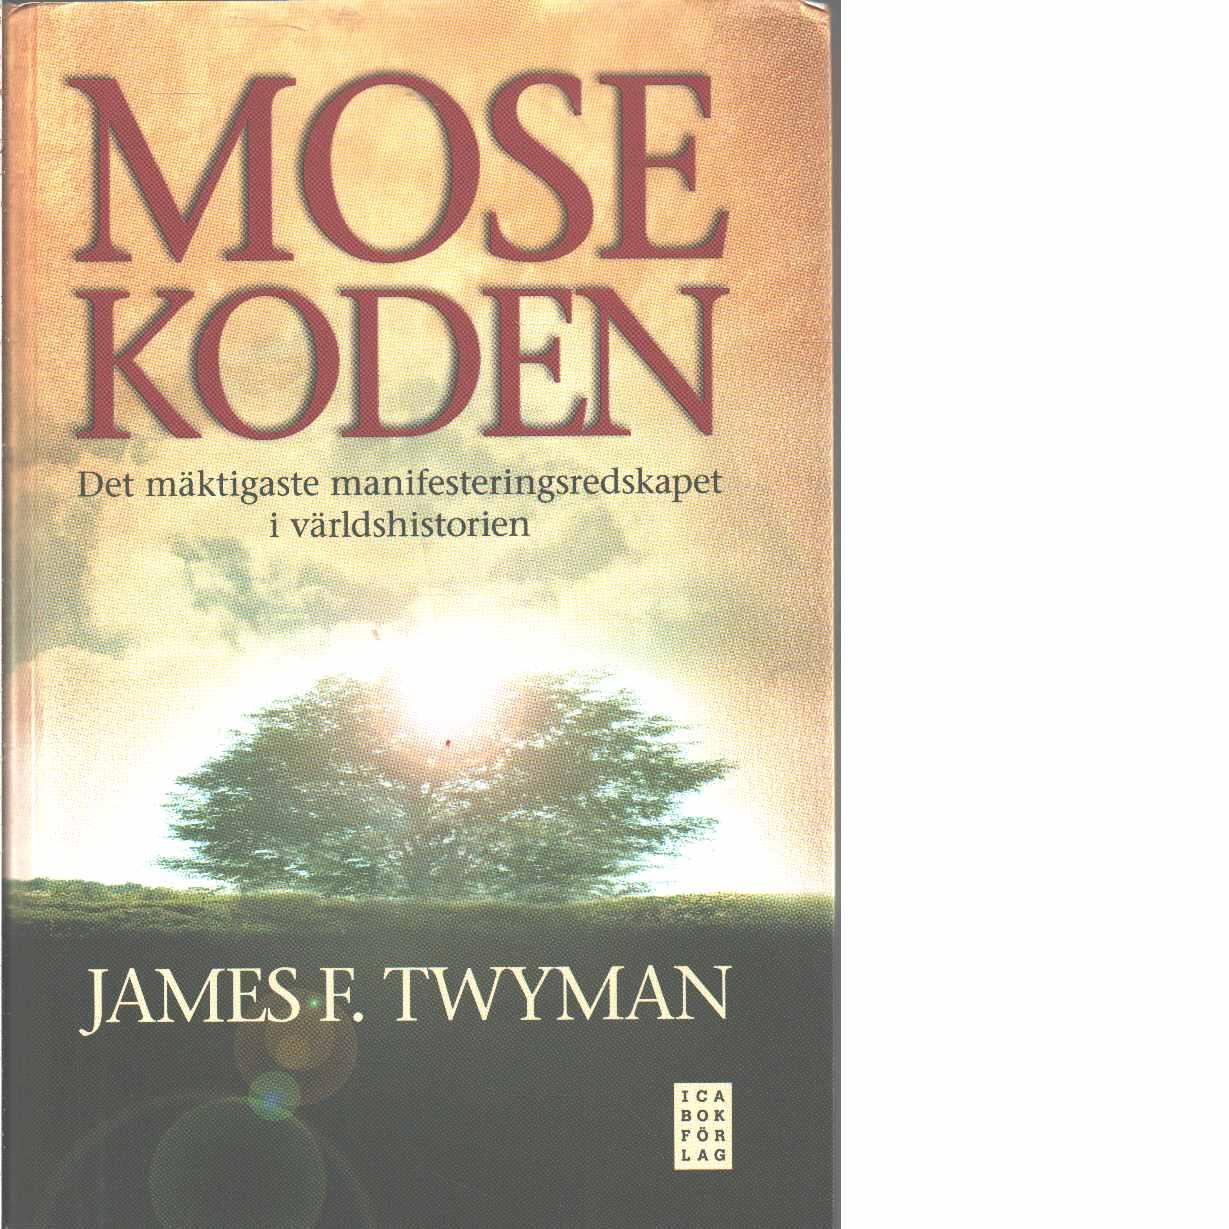 Mosekoden : [det mäktigaste manifesteringsredskapet i världshistorien - Twyman, James F